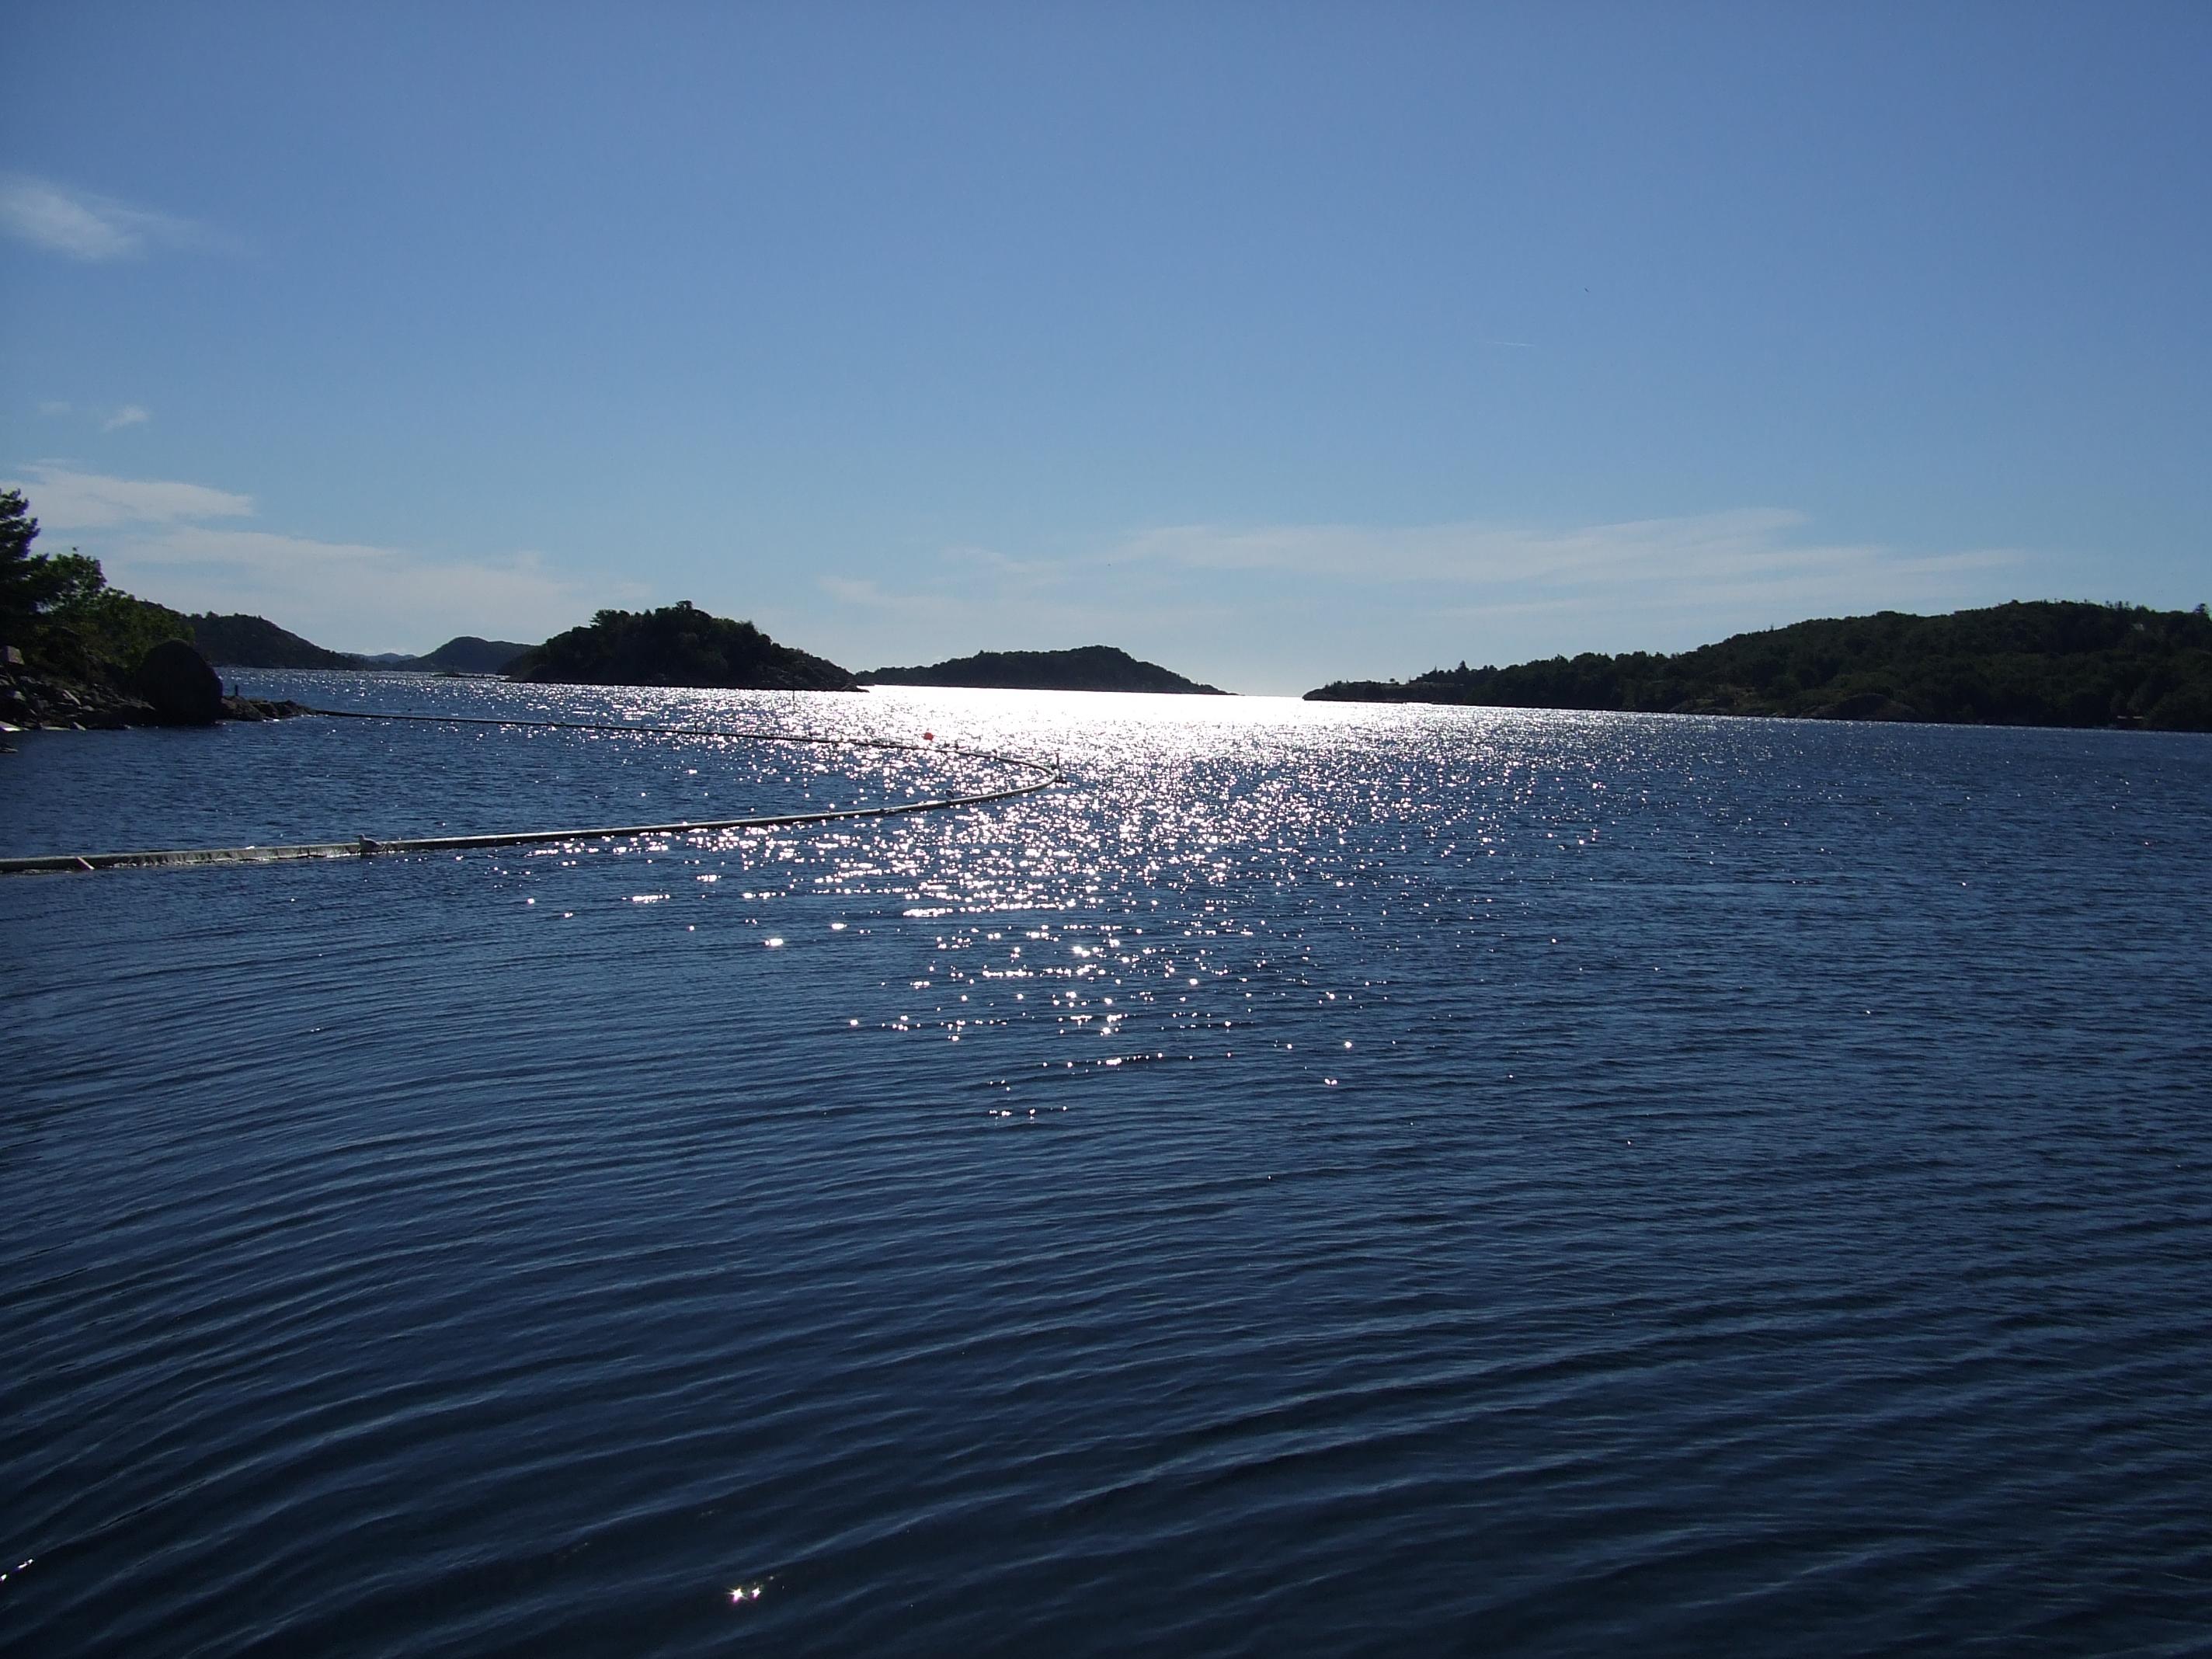 Bilder, Norwegen, Fischen: http://www.isabellaschreiner.de/Wir_uber_uns/body_bilder__norwegen__fischen.html